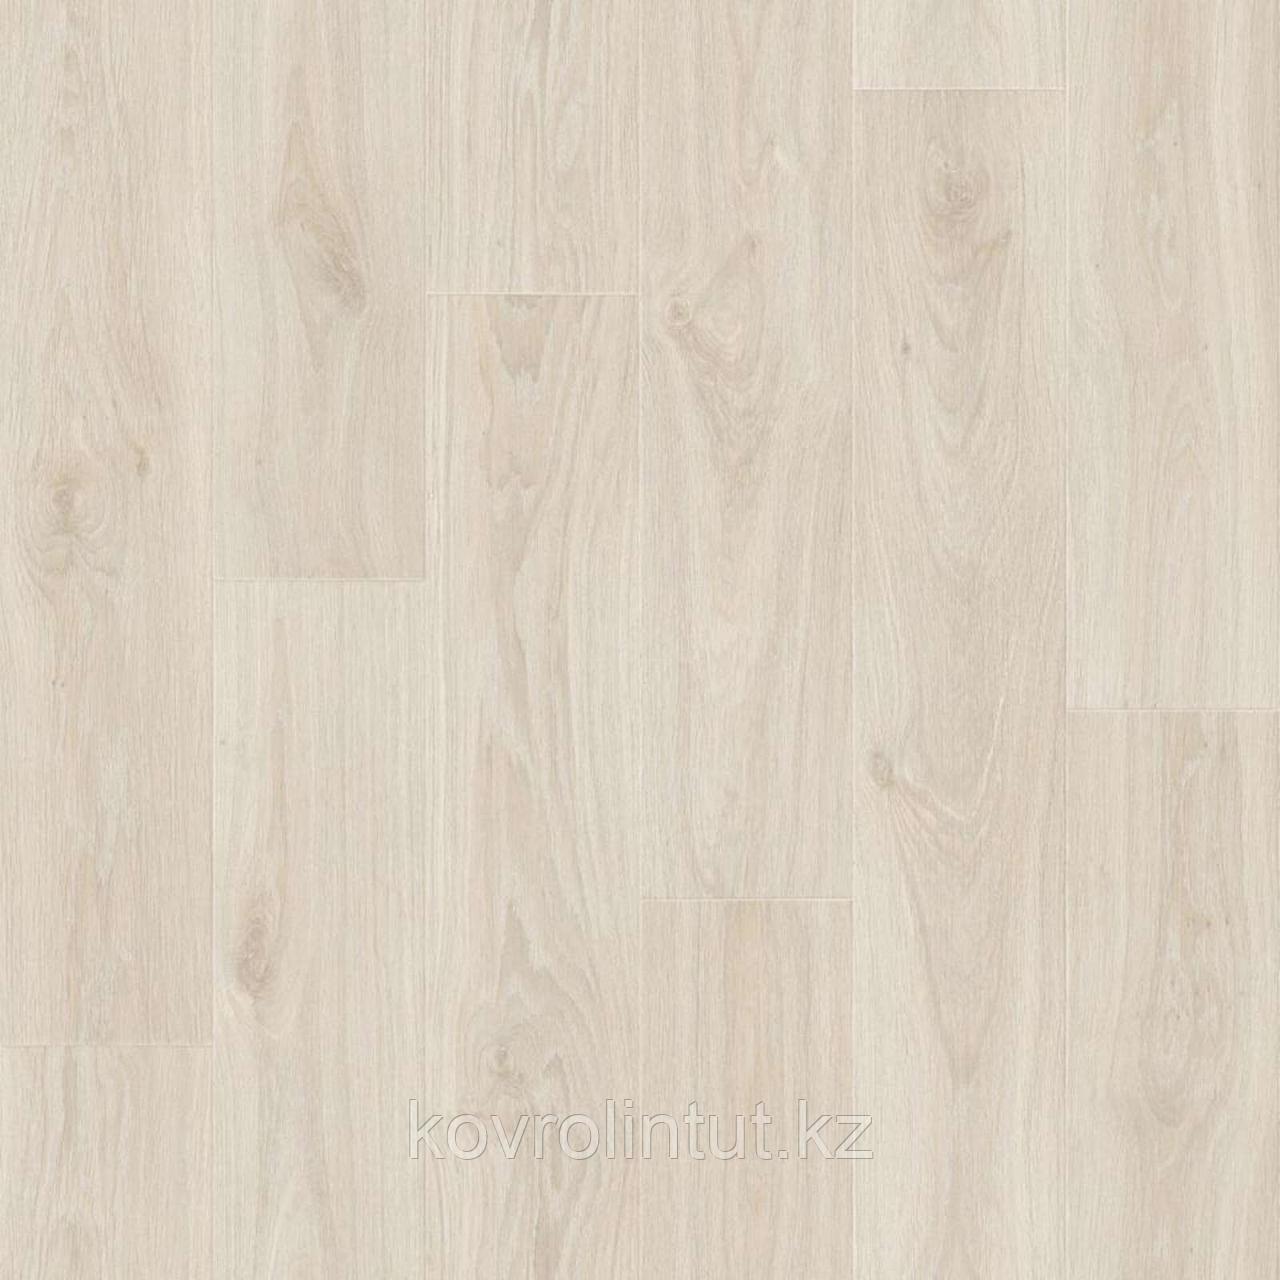 Линолеум Tarkett бытовой Favorit Muskat 1 3 м